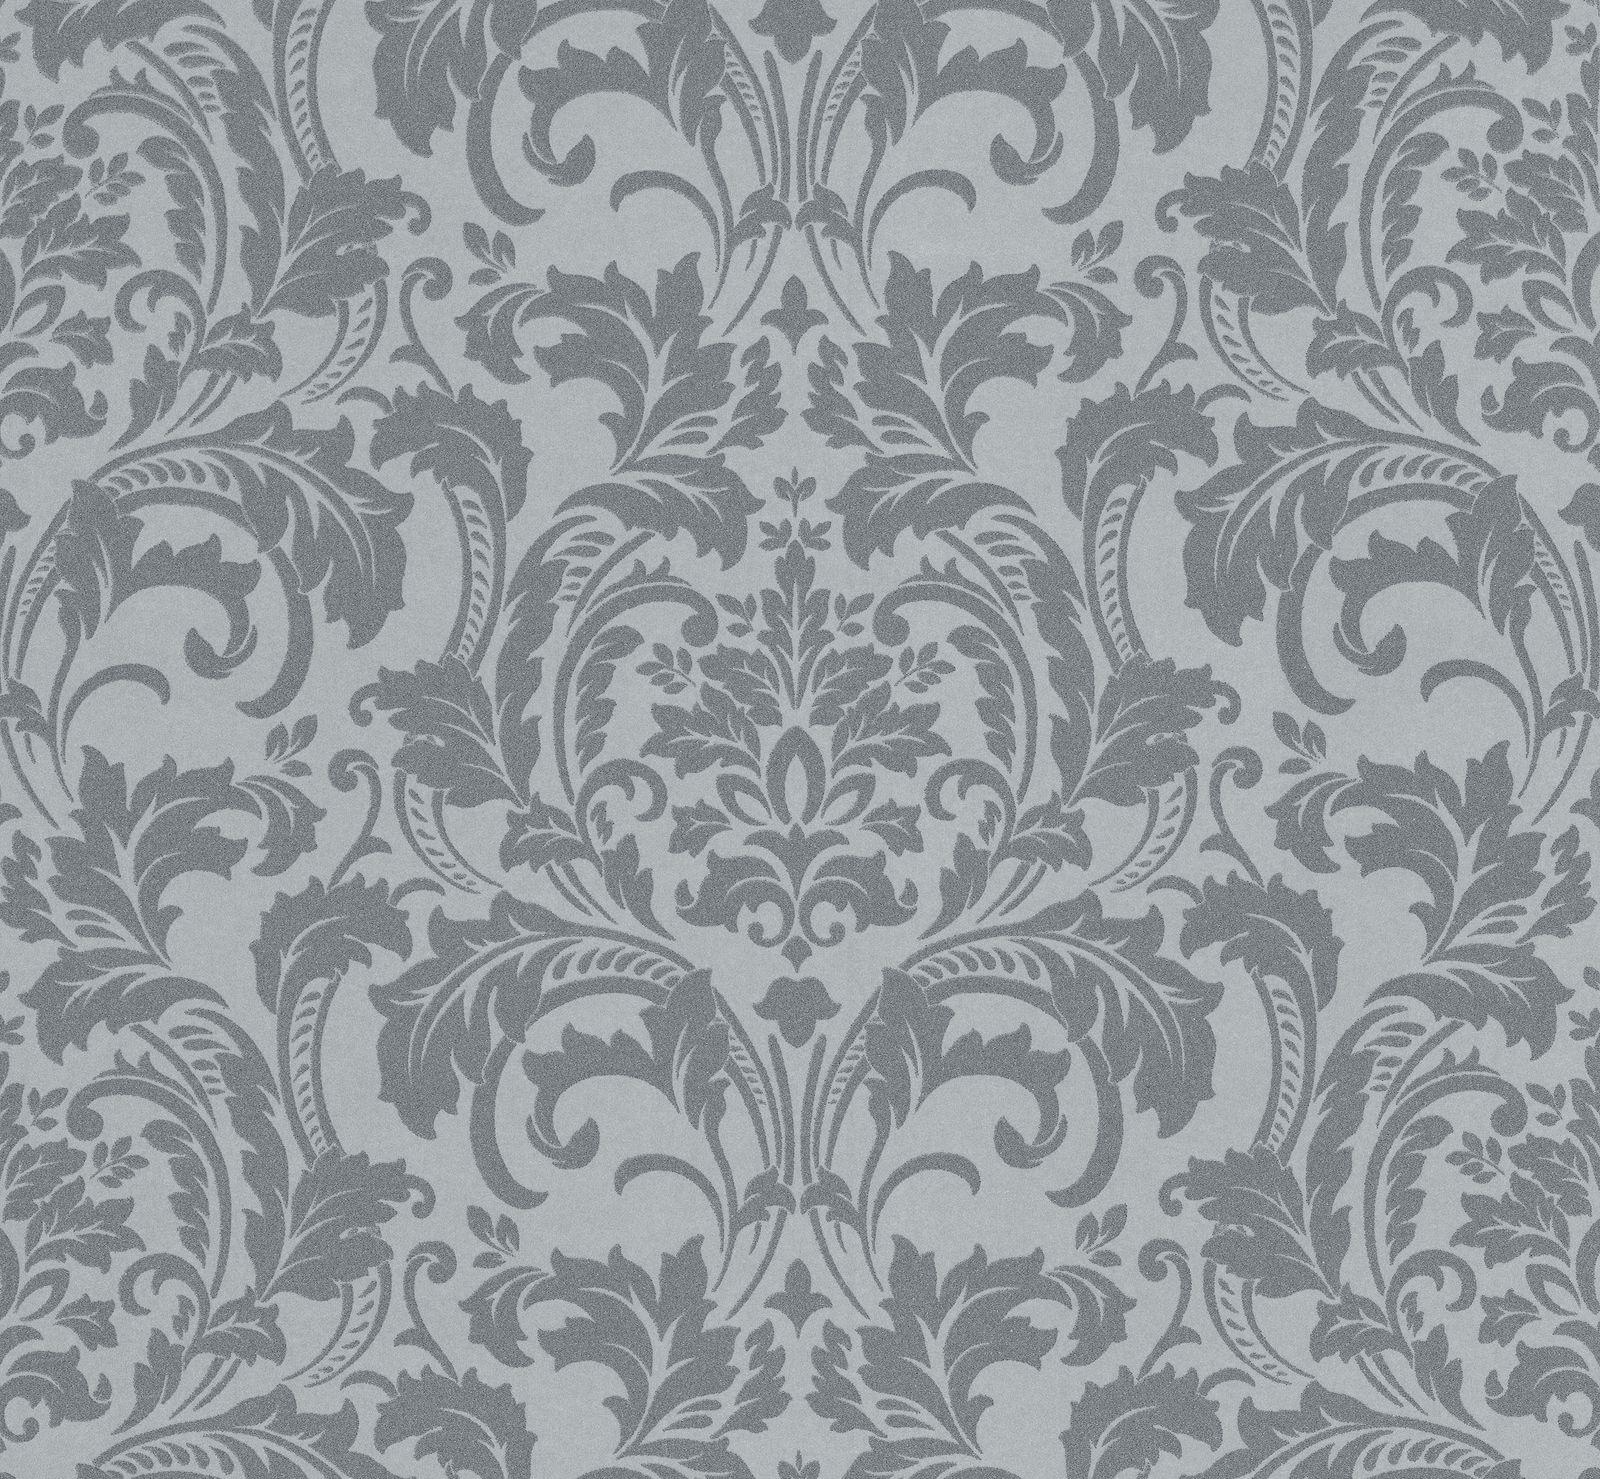 Tapete Kretschmer Deluxe Barock Glasperlen silber grau 41005-20